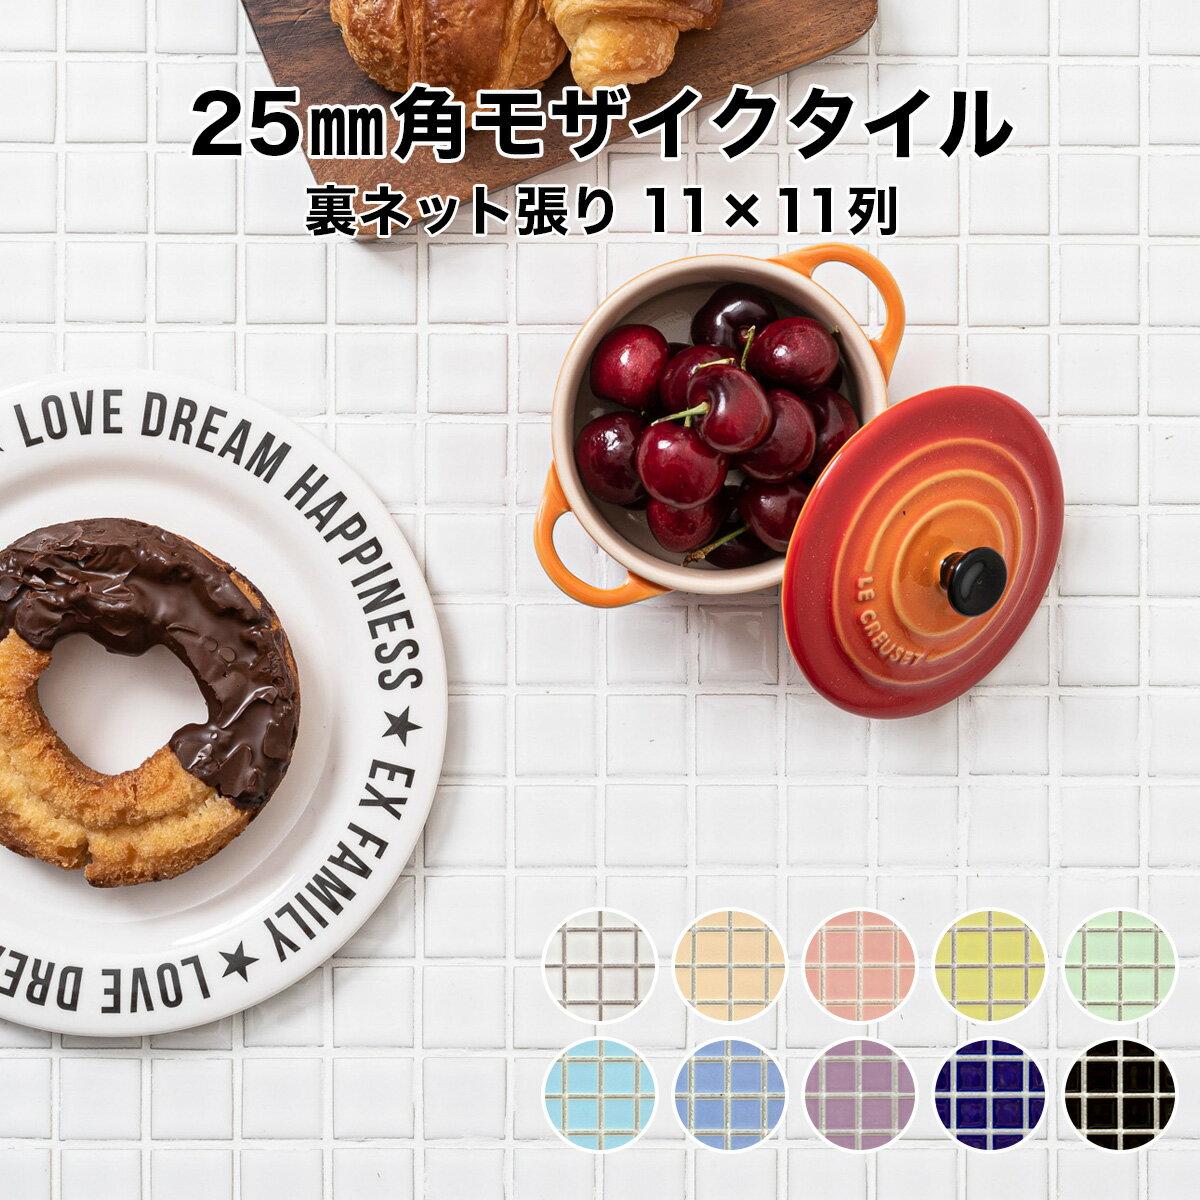 モザイクタイルシート 25mm角 裏ネット張り 磁器質 施釉 レギュラーカラー 全10色 30cm角 11列×11列 シート張り 日本製